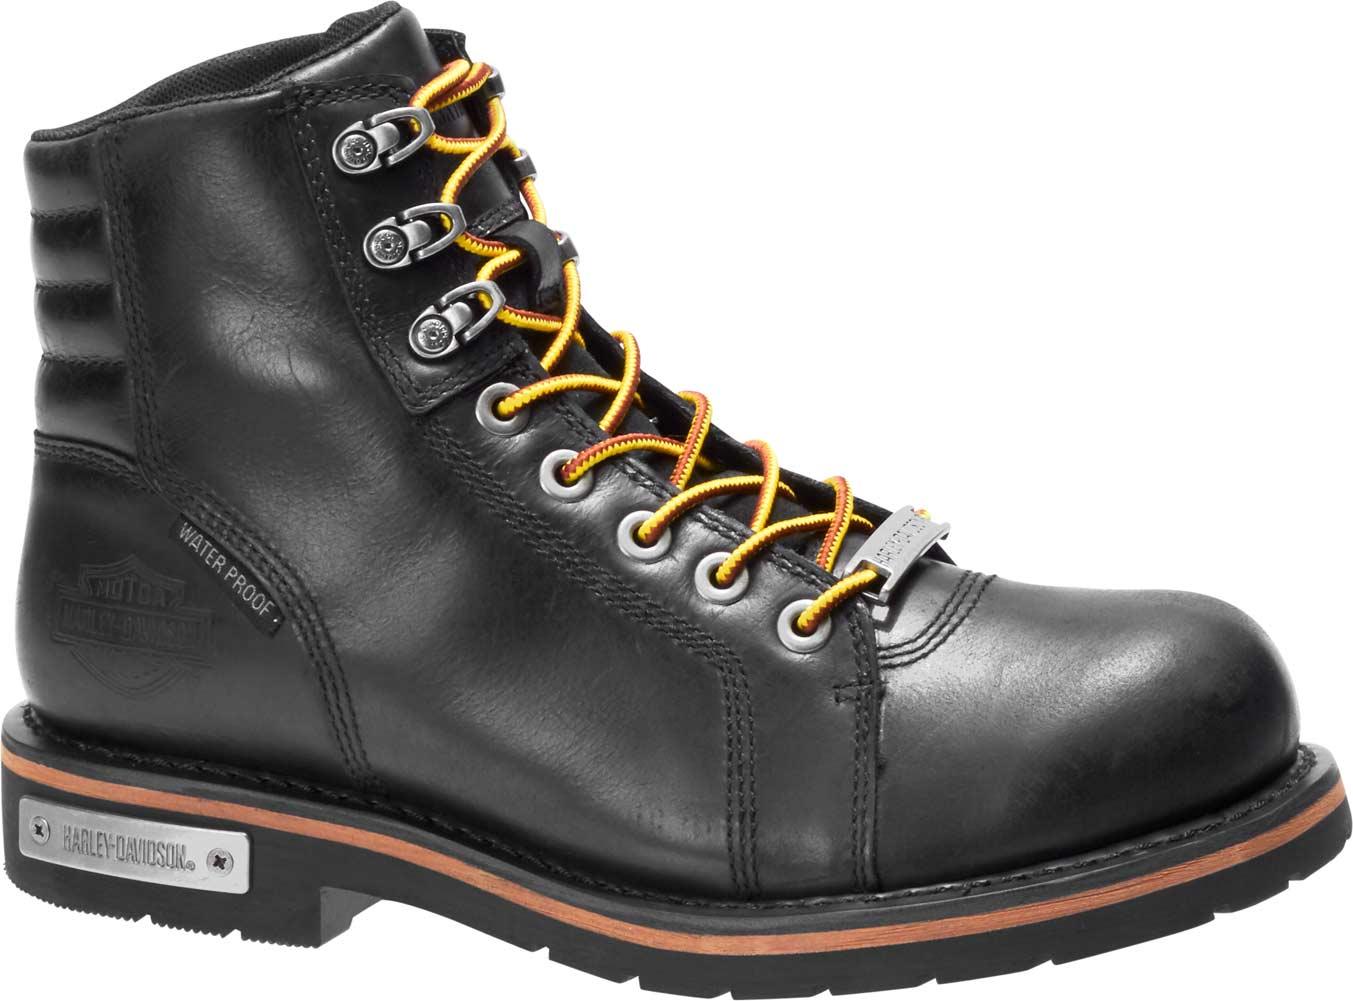 Harley-Davidson Mens Lynx Waterproof Boot,Black,7.5 M US